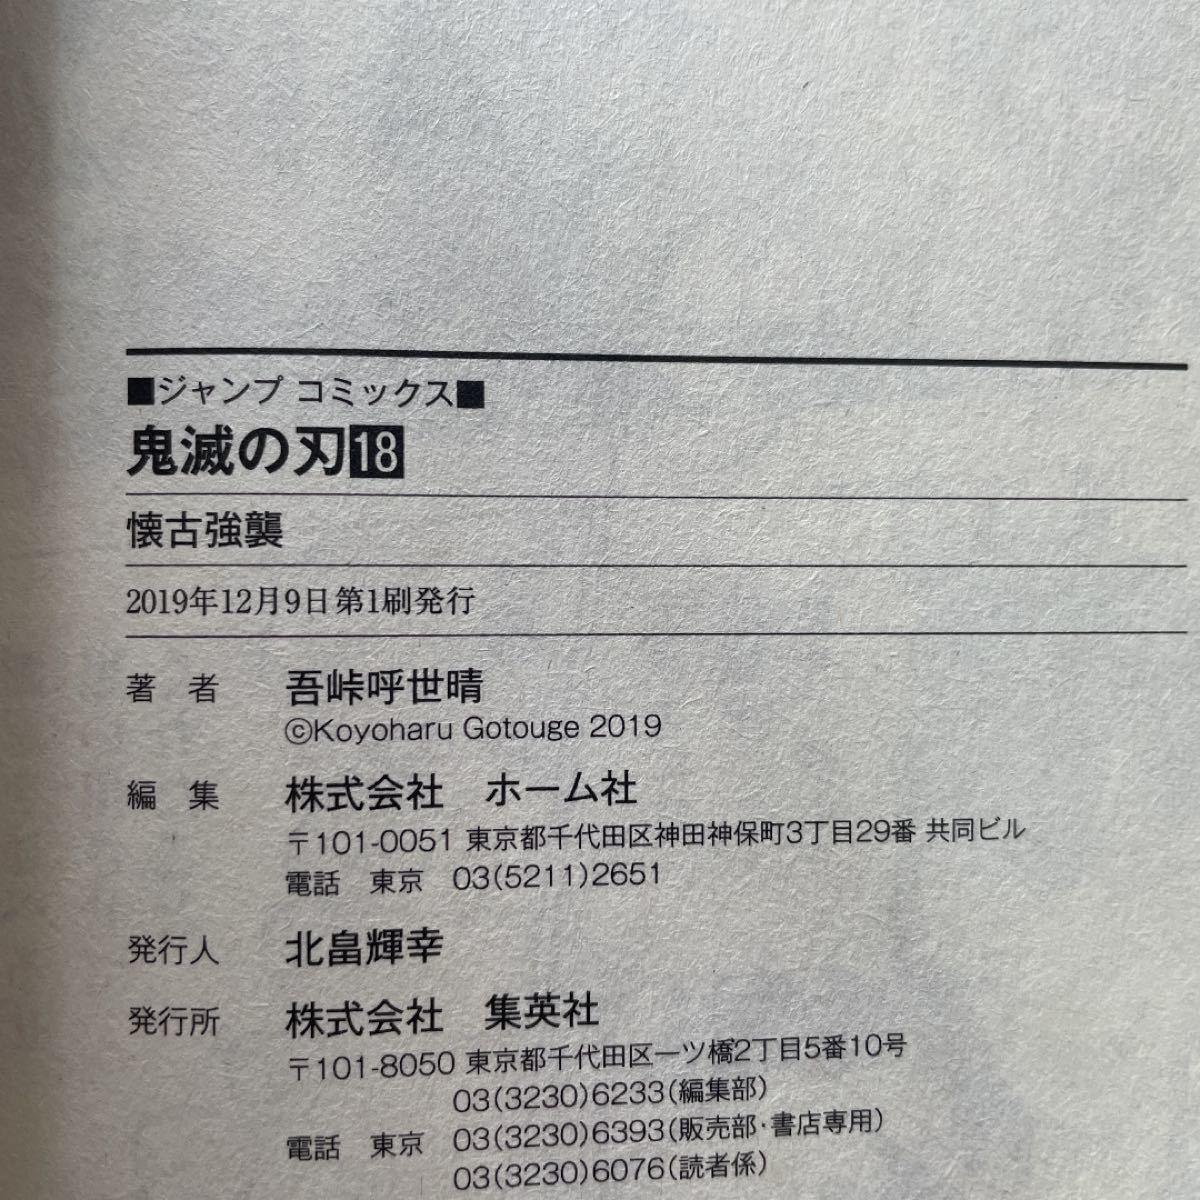 鬼滅の刃 帯付 吾峠呼世晴 18巻 初版